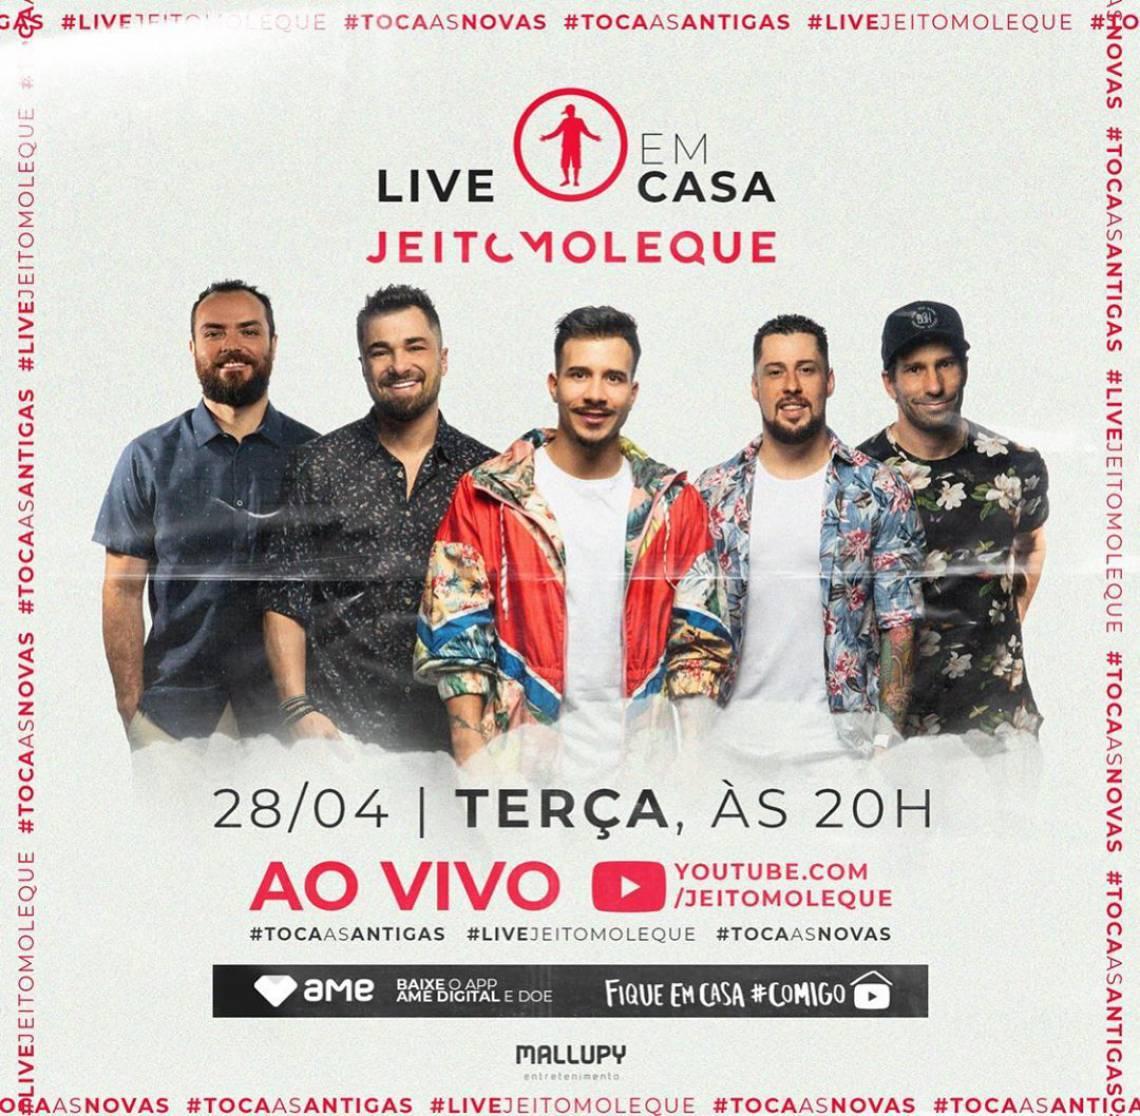 Acompanhe a agenda de transmissões ao vivo online - live - de artistas nacionais e internacionais para hoje, terça-feira, 28 de abril (28/04); grupo Jeito Moleque é uma das atrações da noite